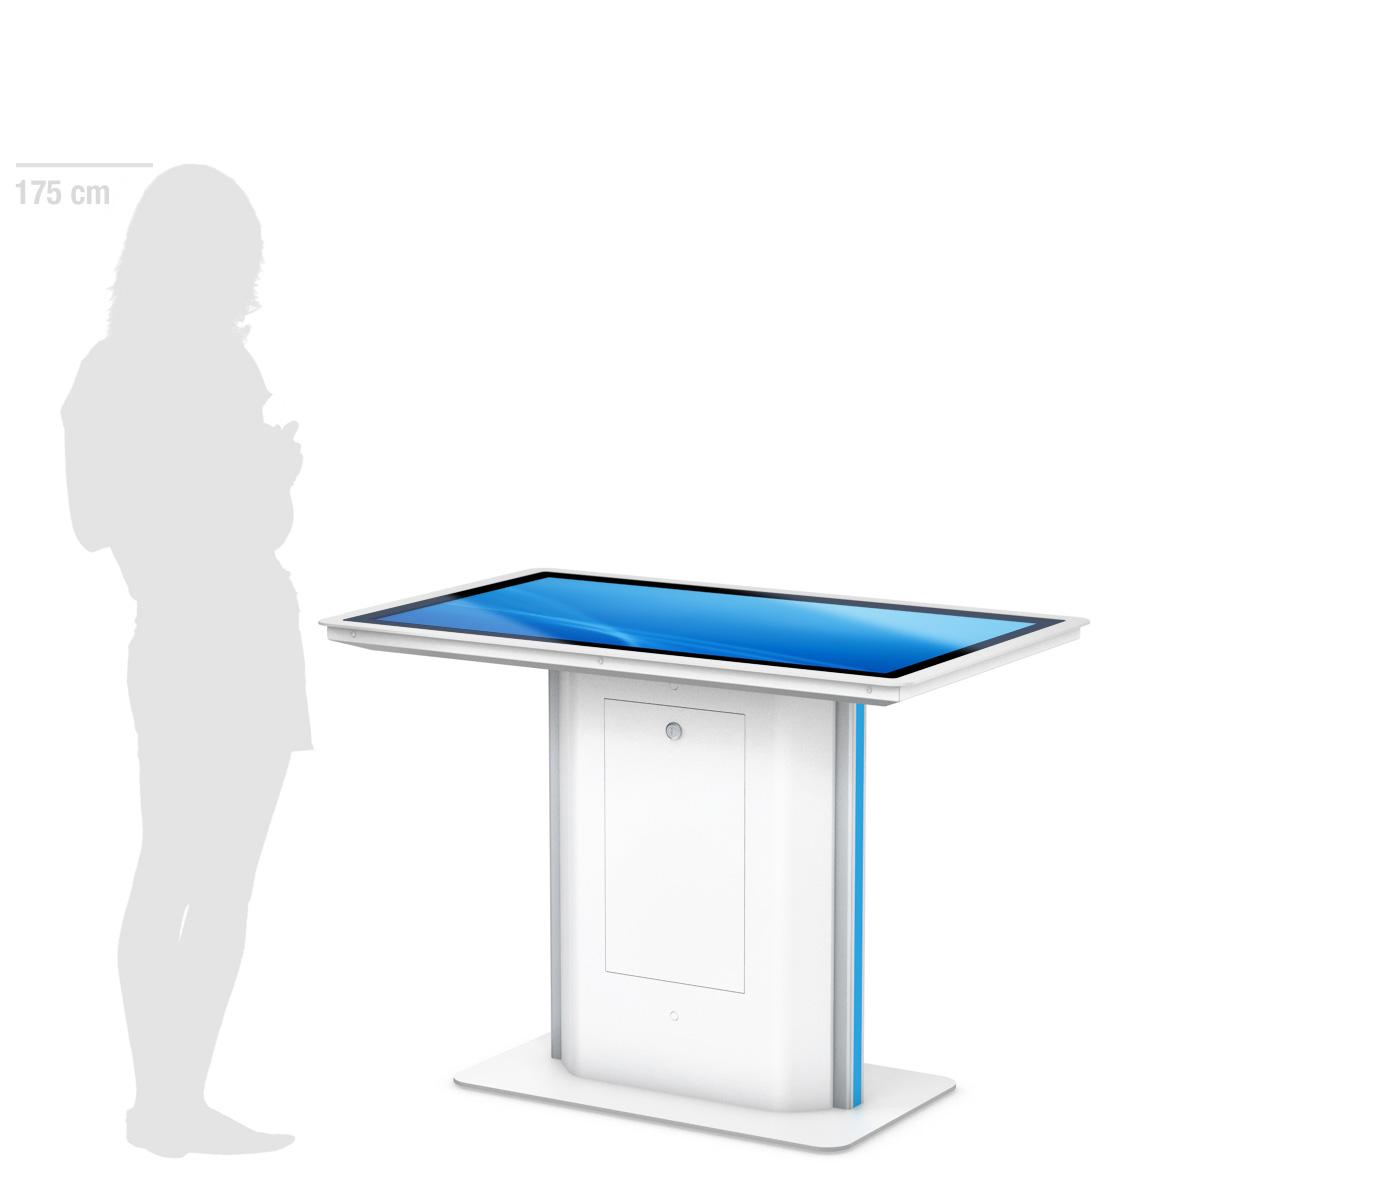 PHEX Table - Interaktives Display in Tischform von eKiosk